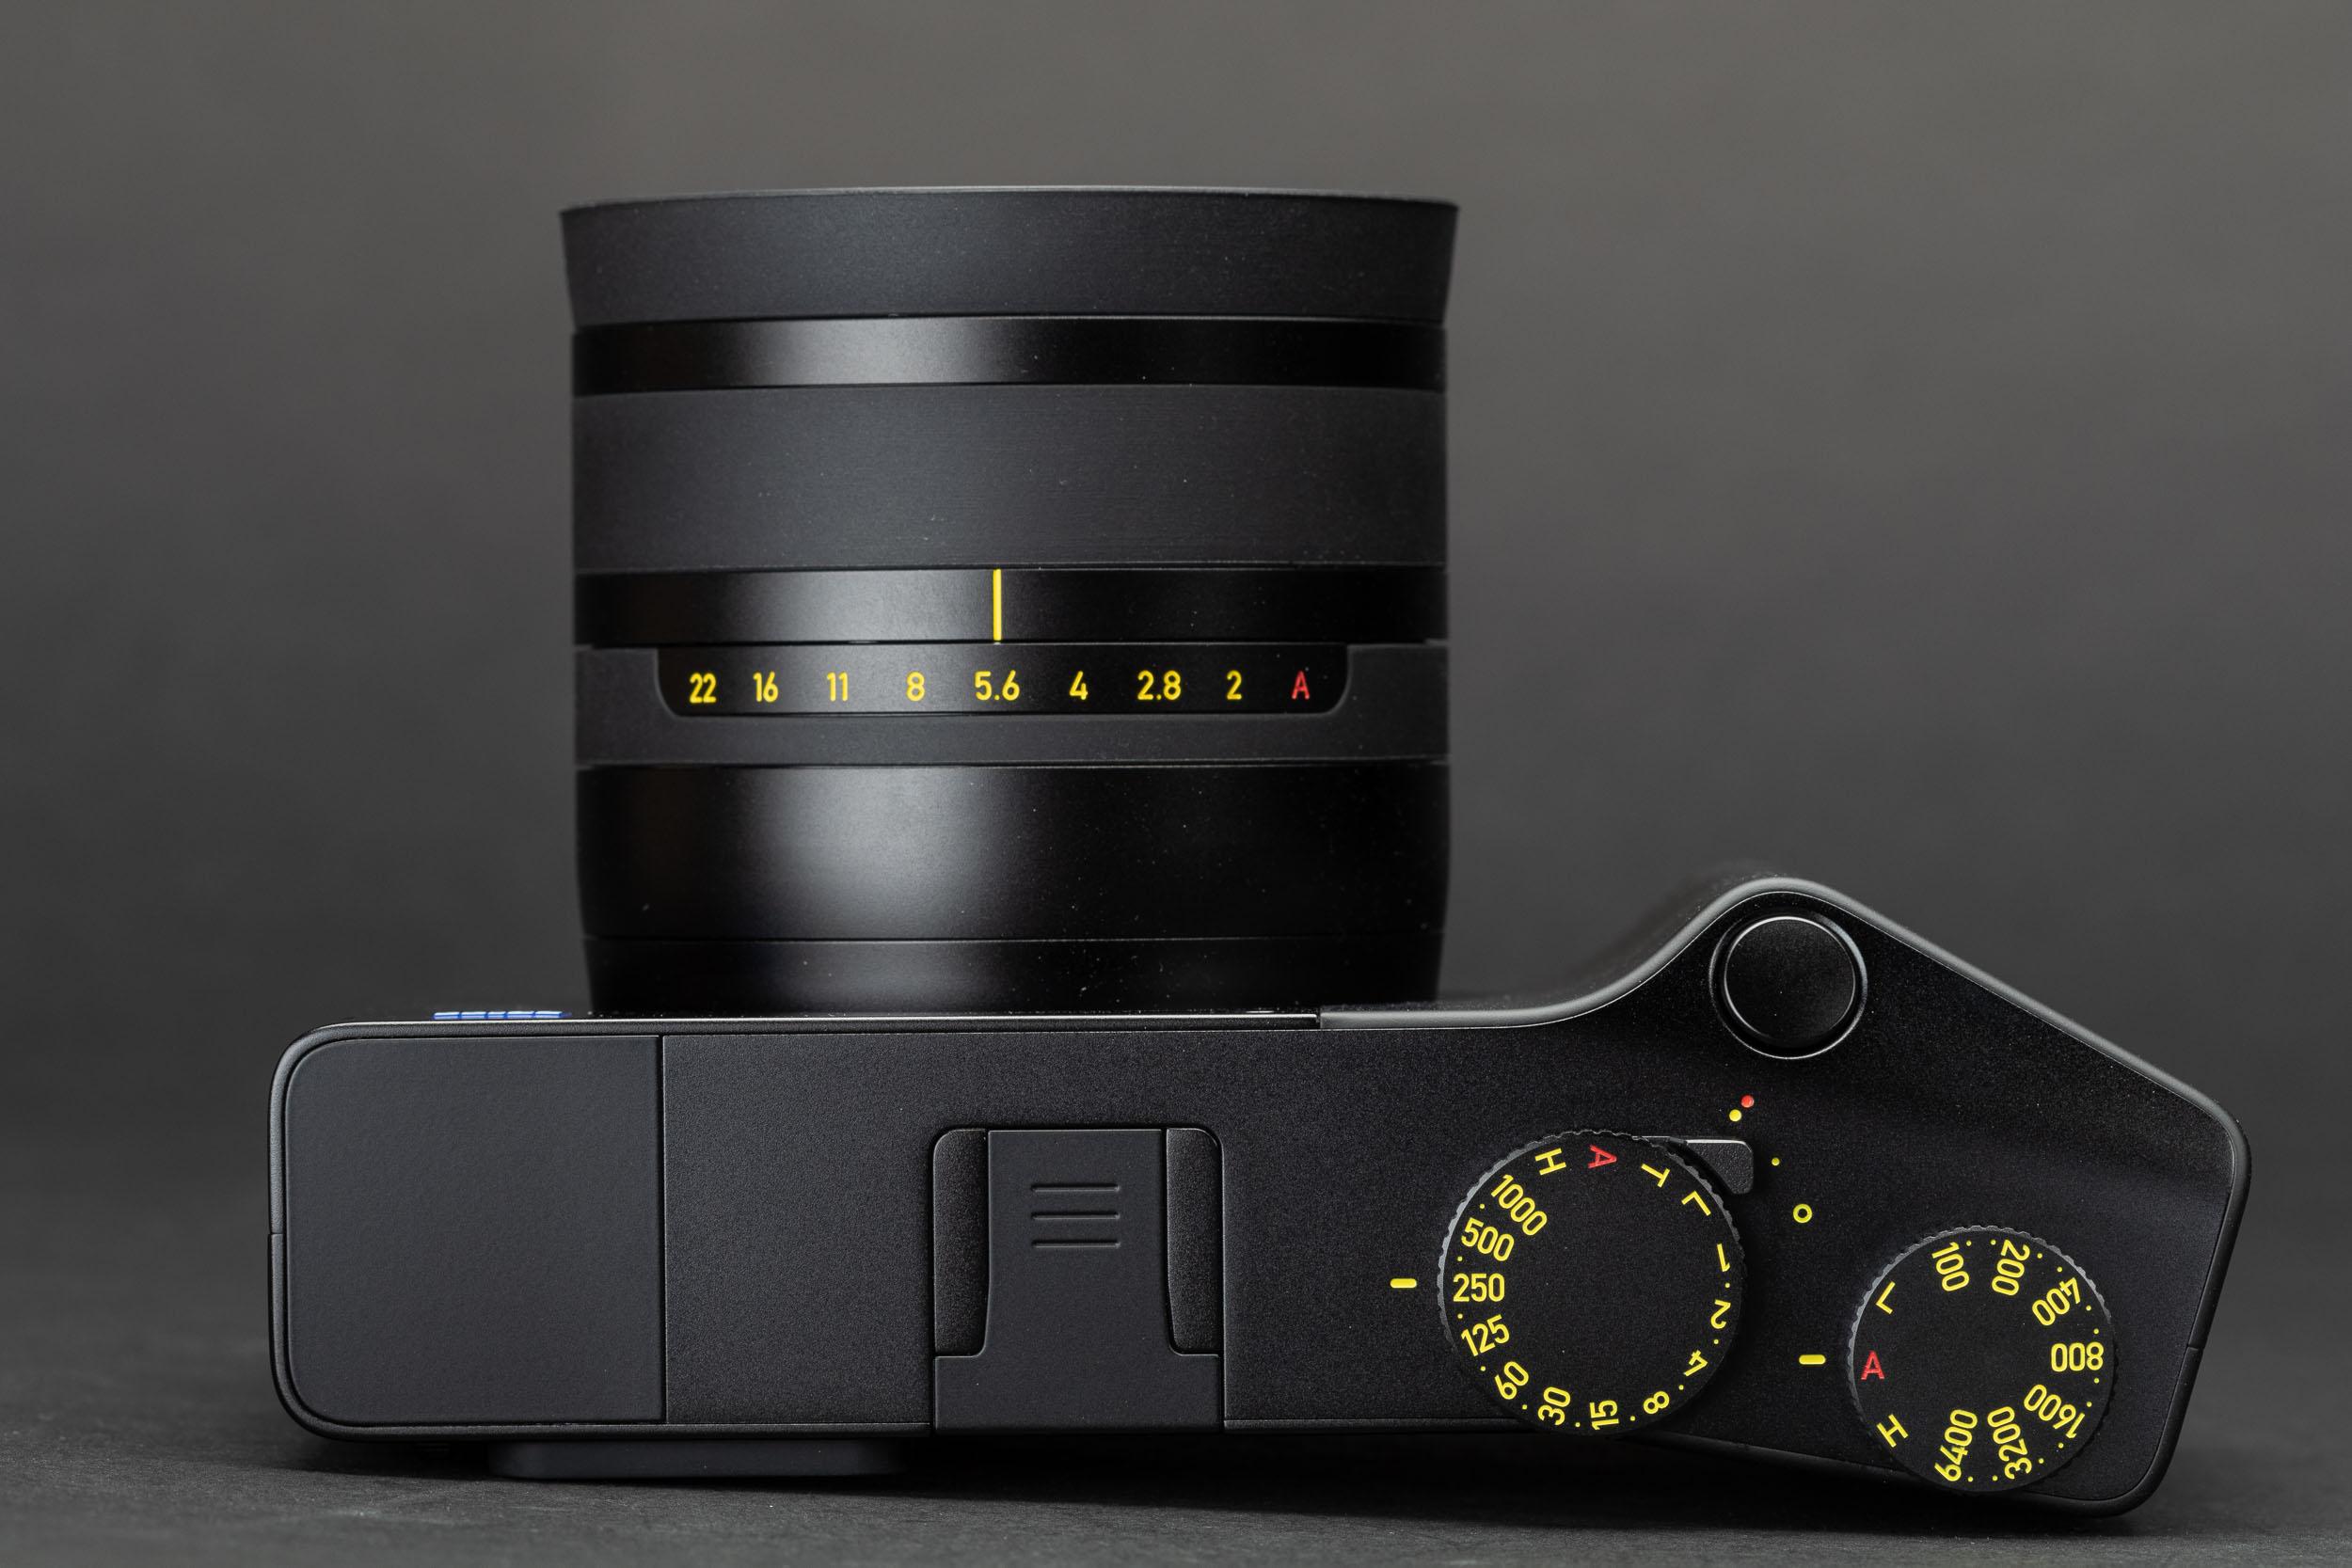 Zeiss-ZX1-top.jpeg